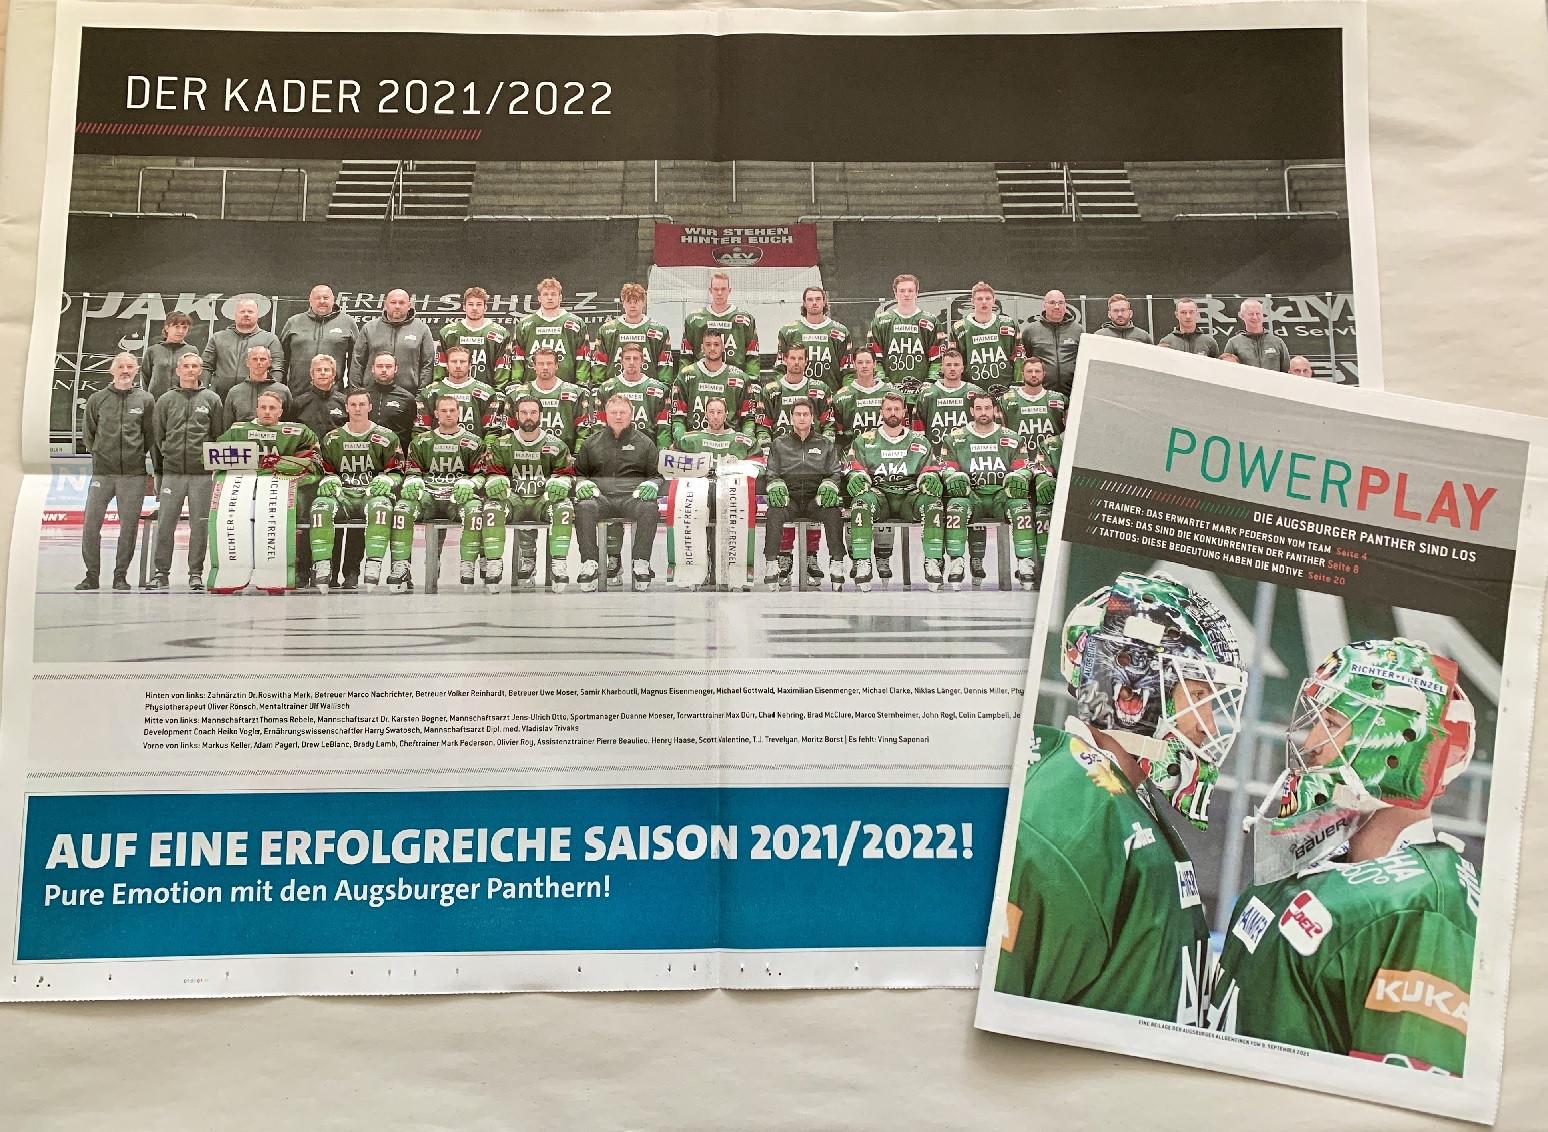 Die Augsburger Panther starten in die Saison 2021/2022